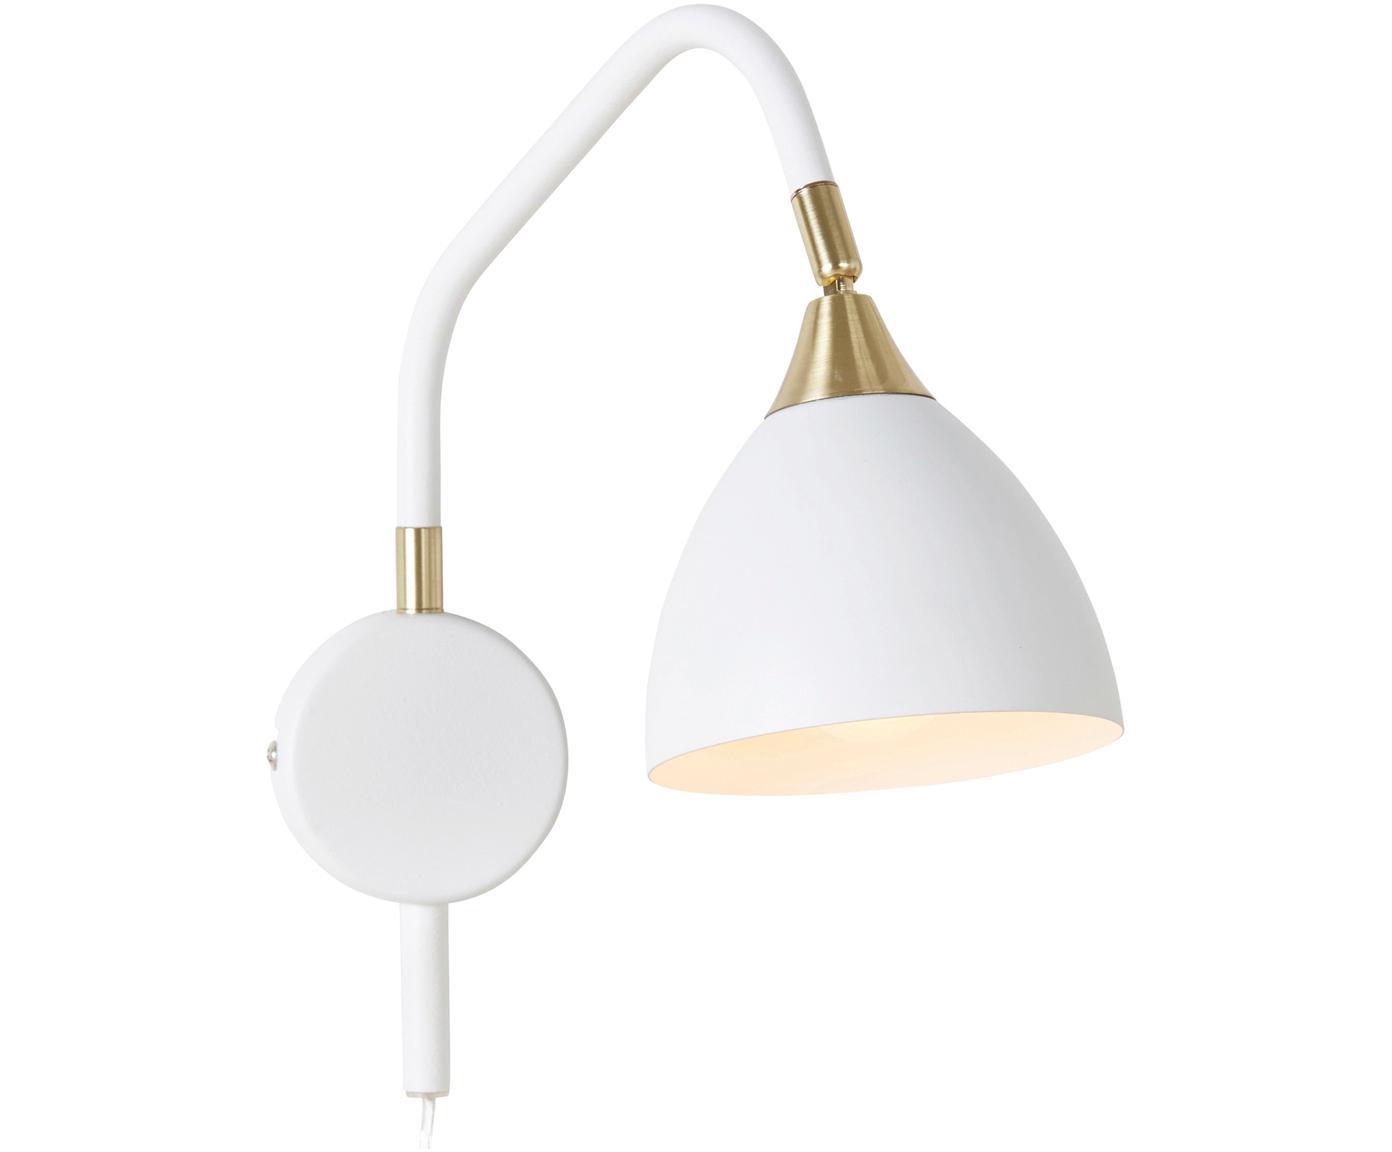 Wandlamp Luis met stekker, Wit, messingkleurig, 12 x 29 cm